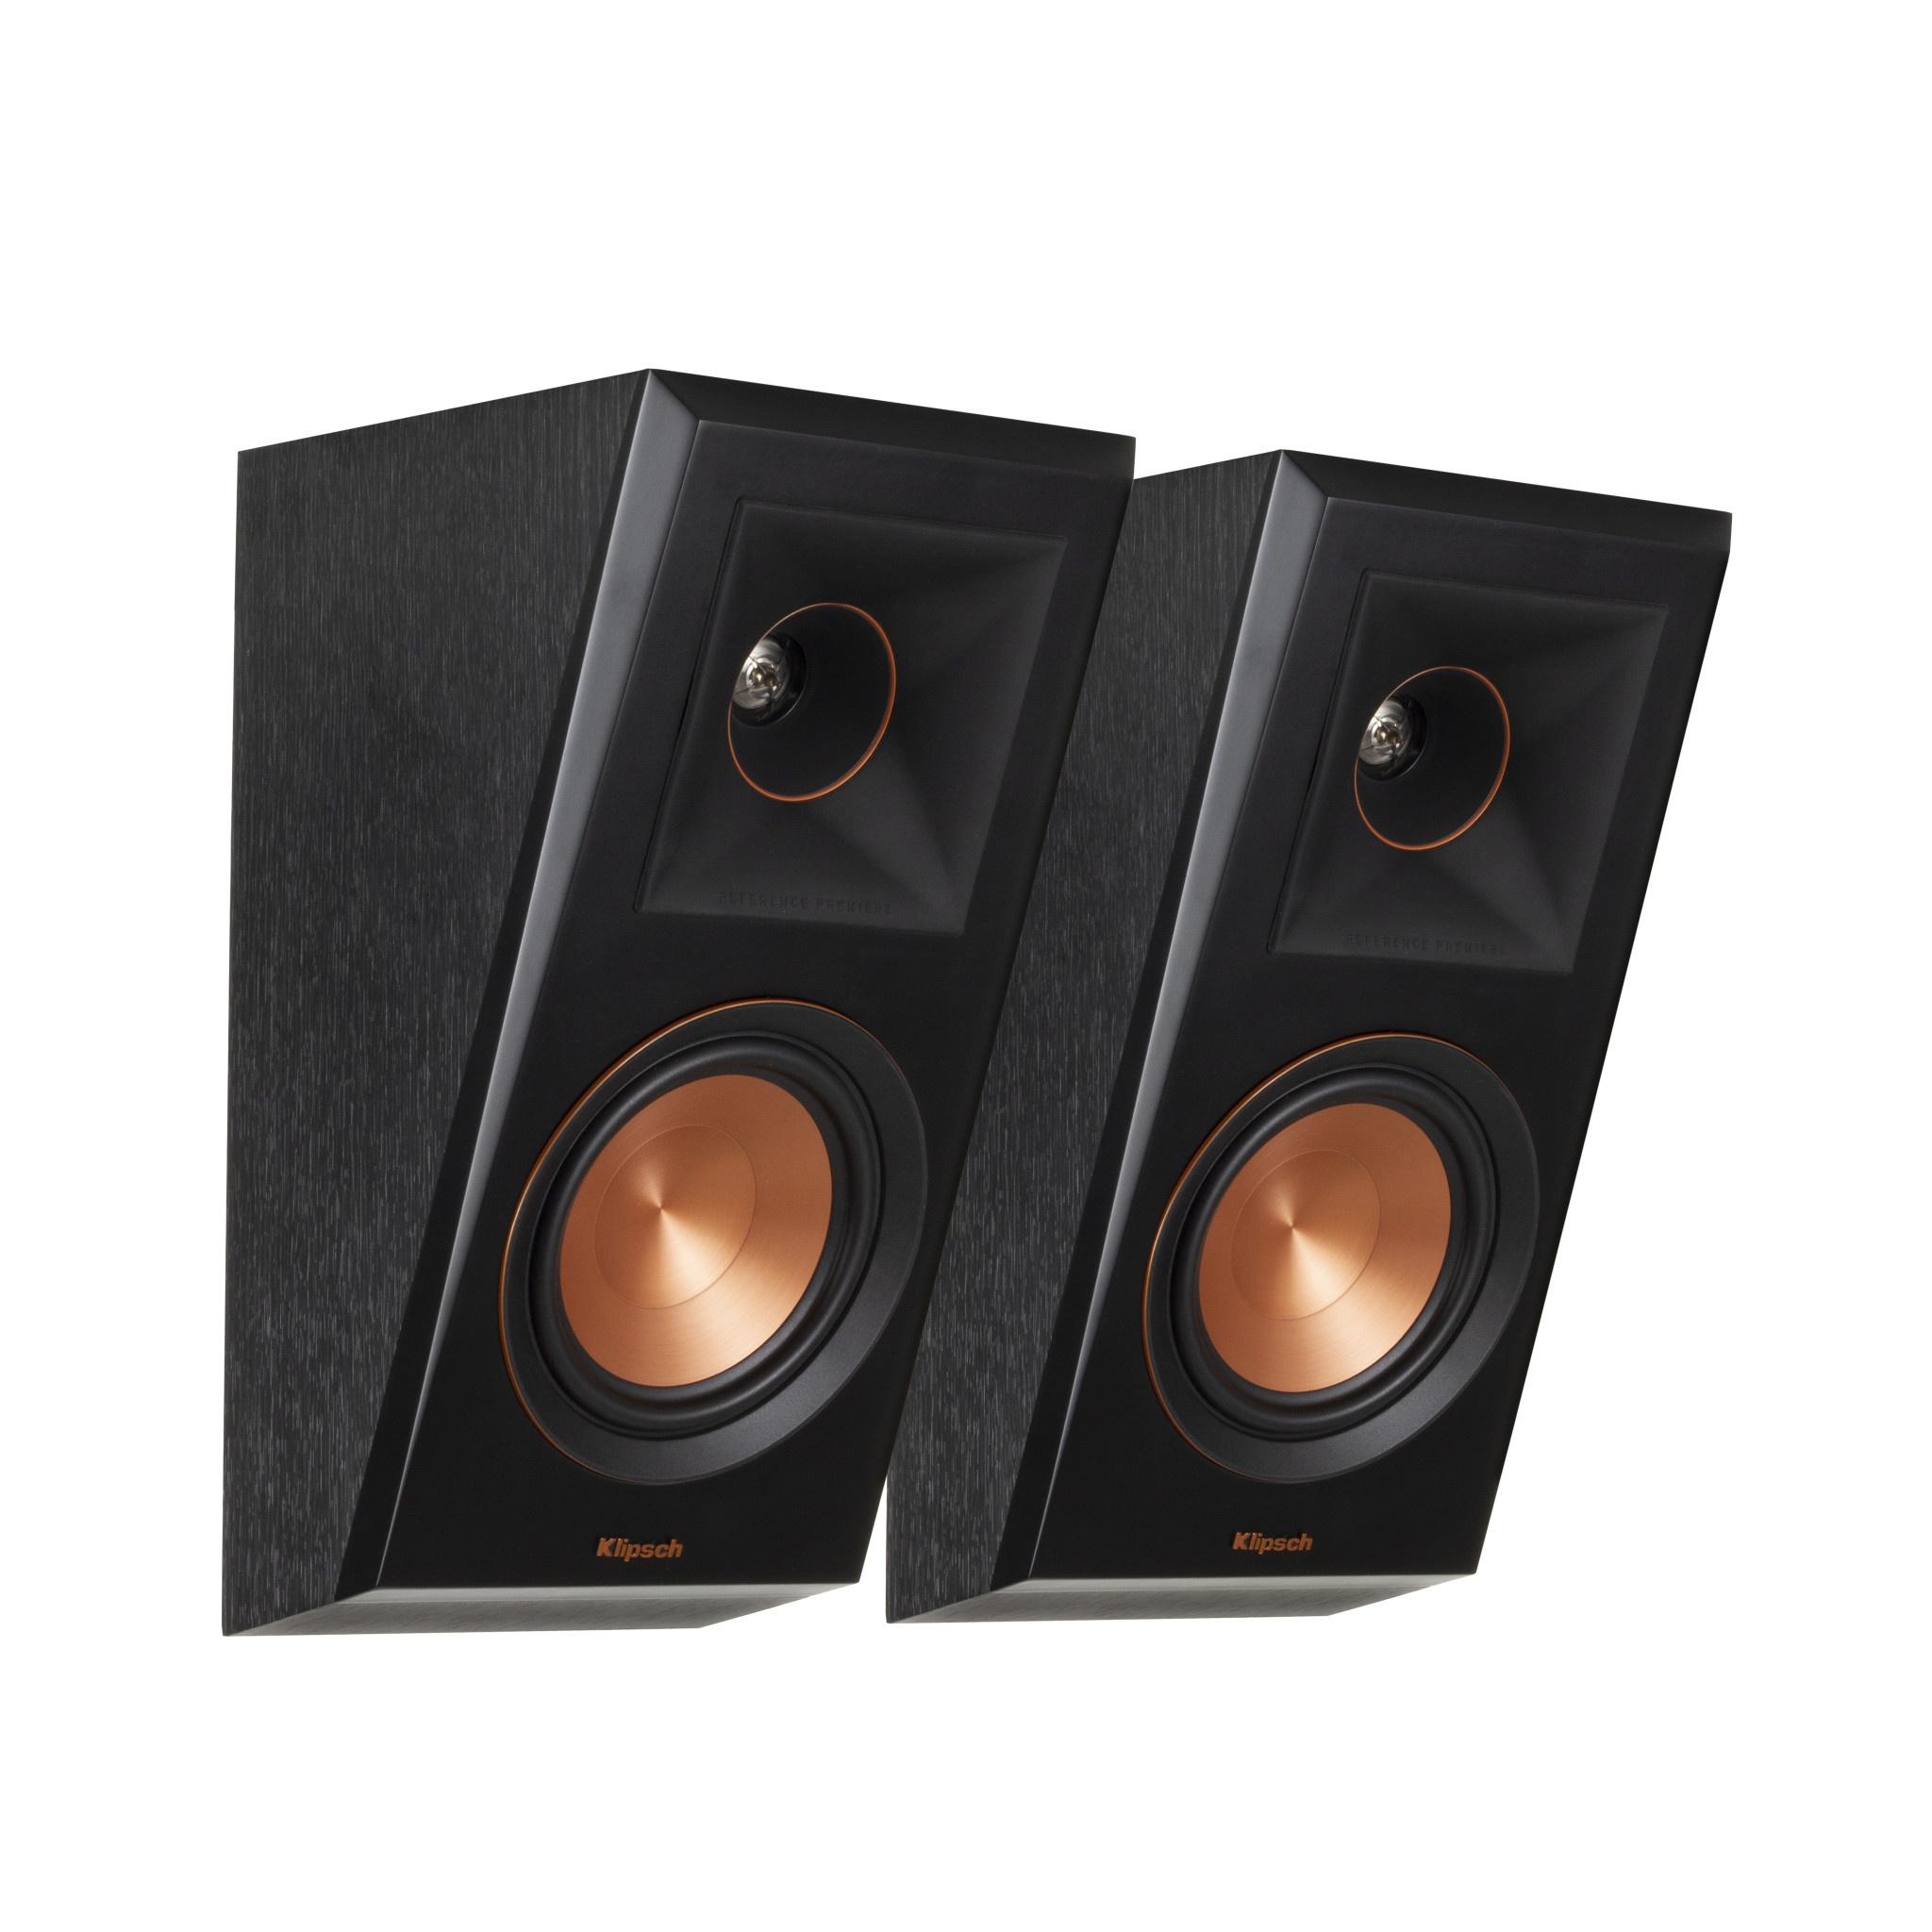 Klipsch Klipsch RP-500SA Dolby Atmos Elevation / Surround Speakers (Pair)